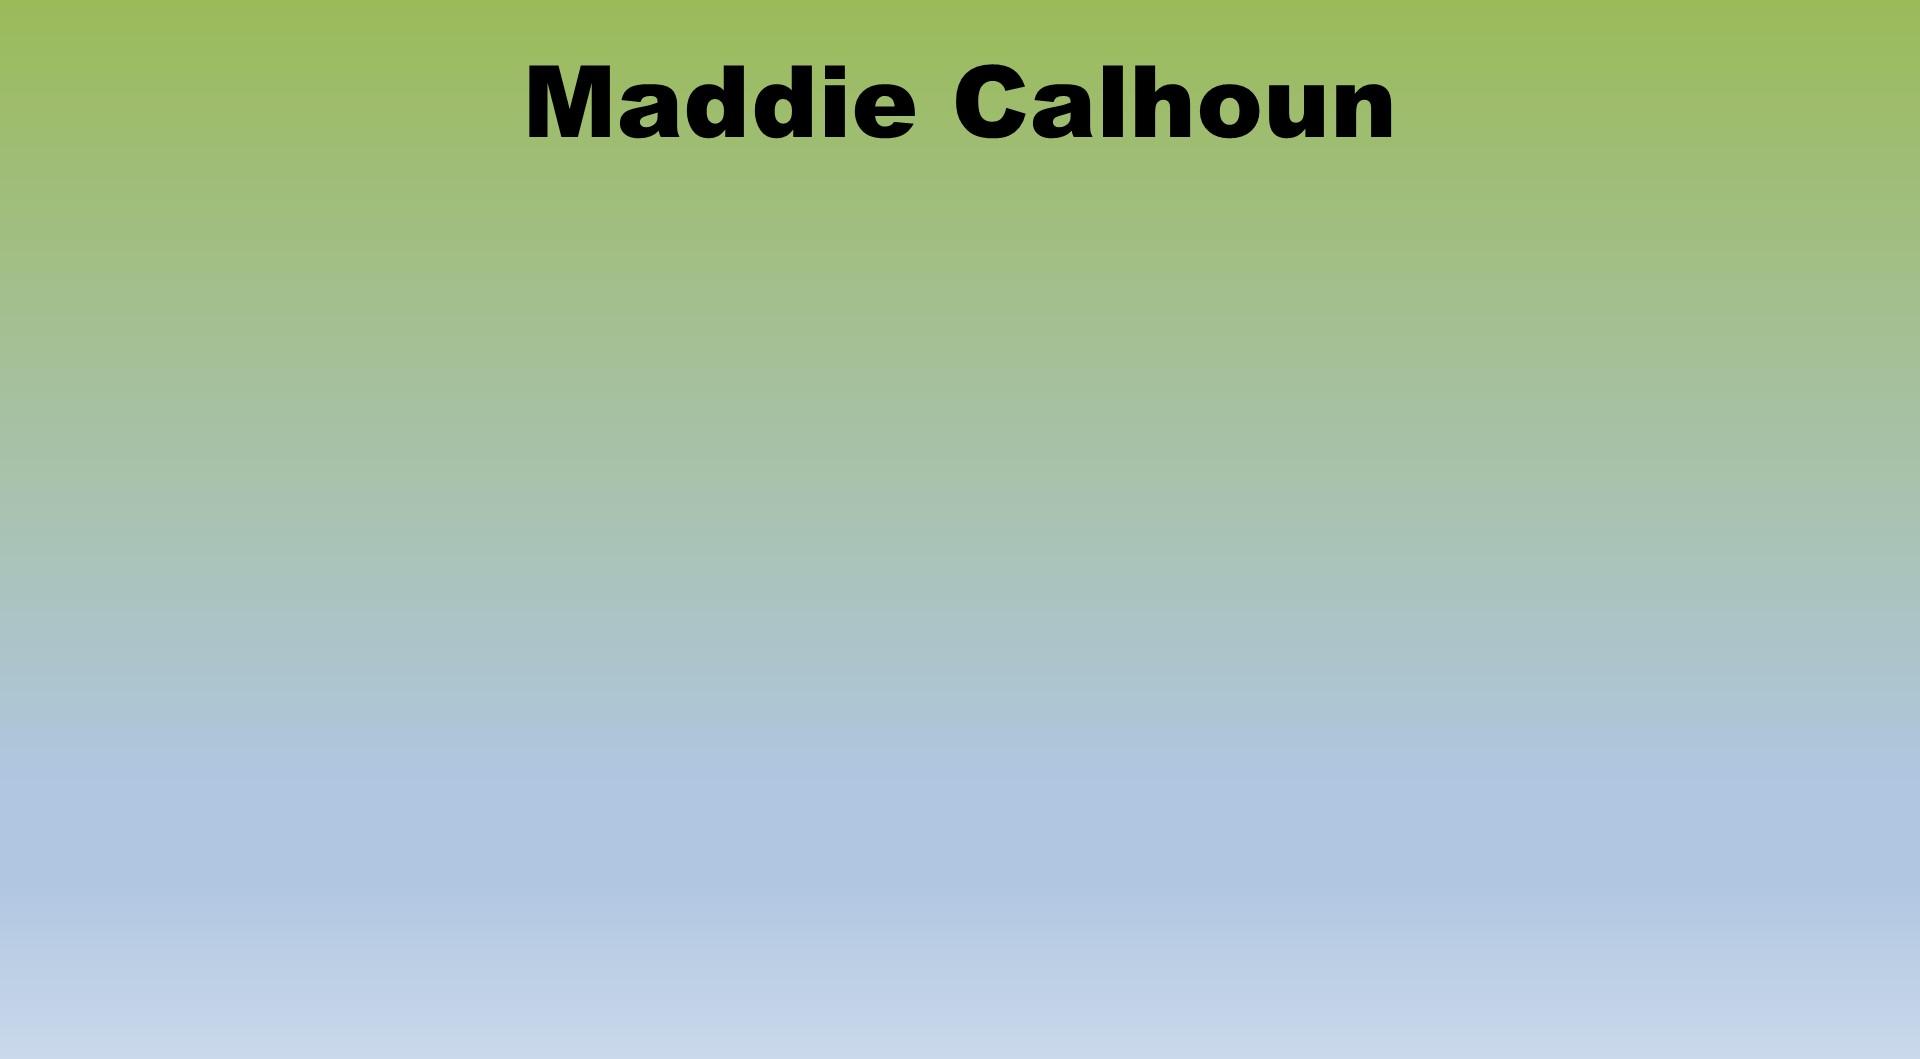 Maddie Calhoun Thumbnail.jpg